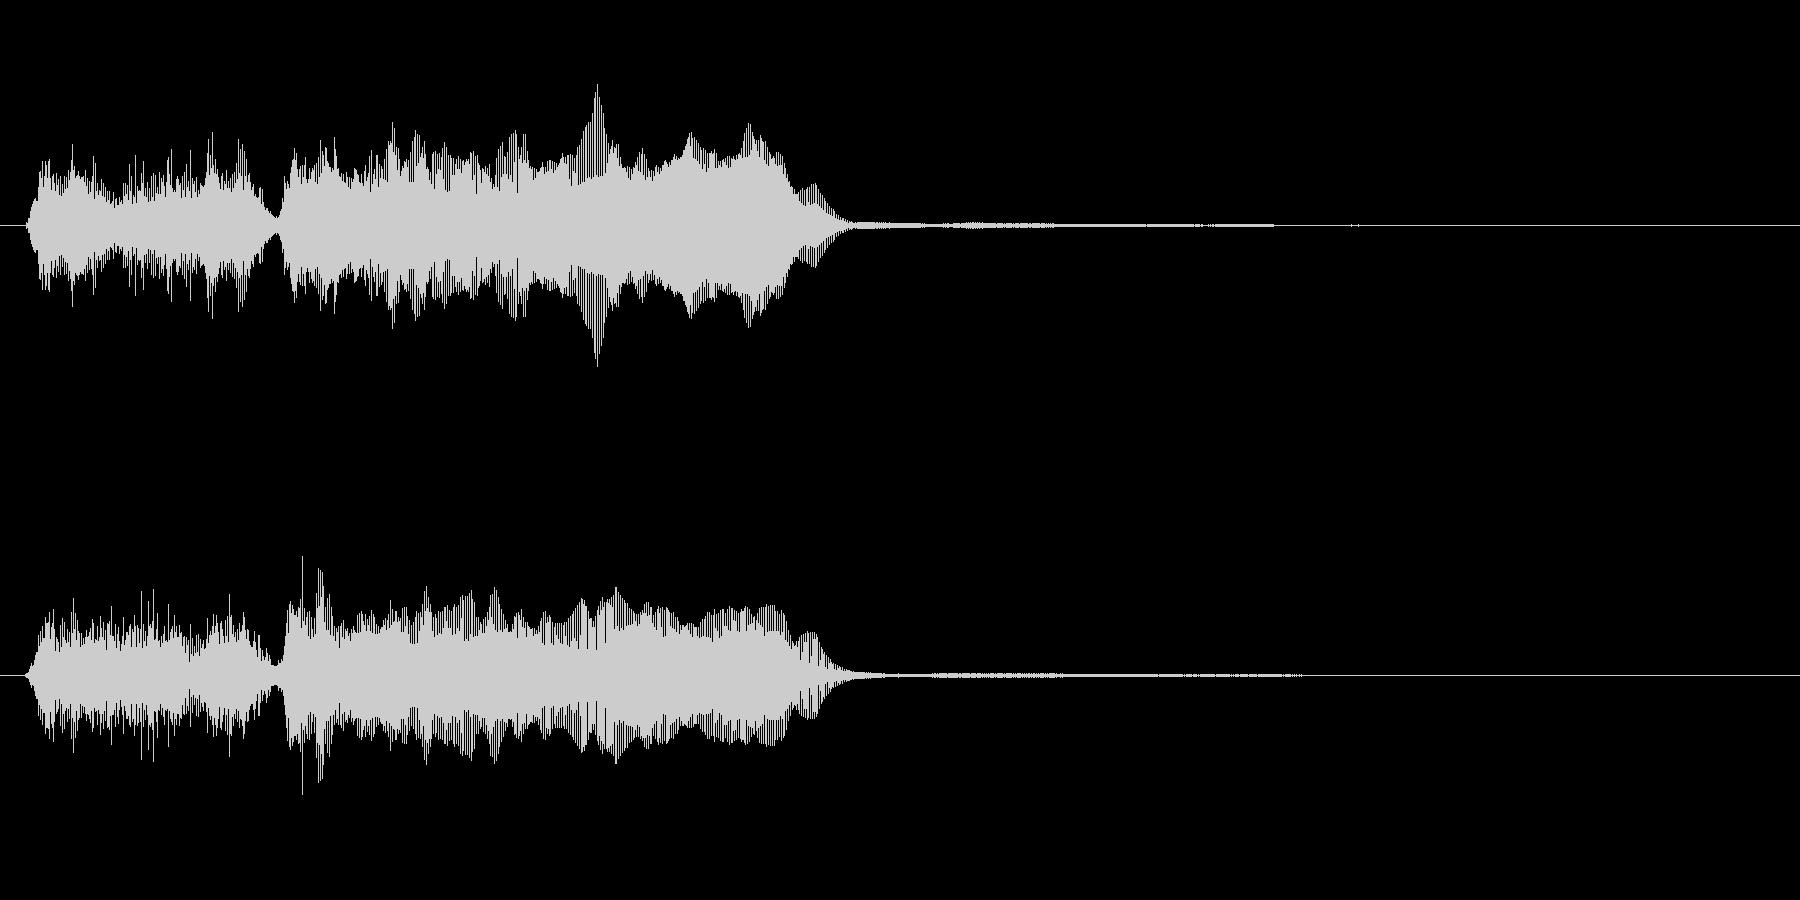 玩具系ファンファーレ-07の未再生の波形